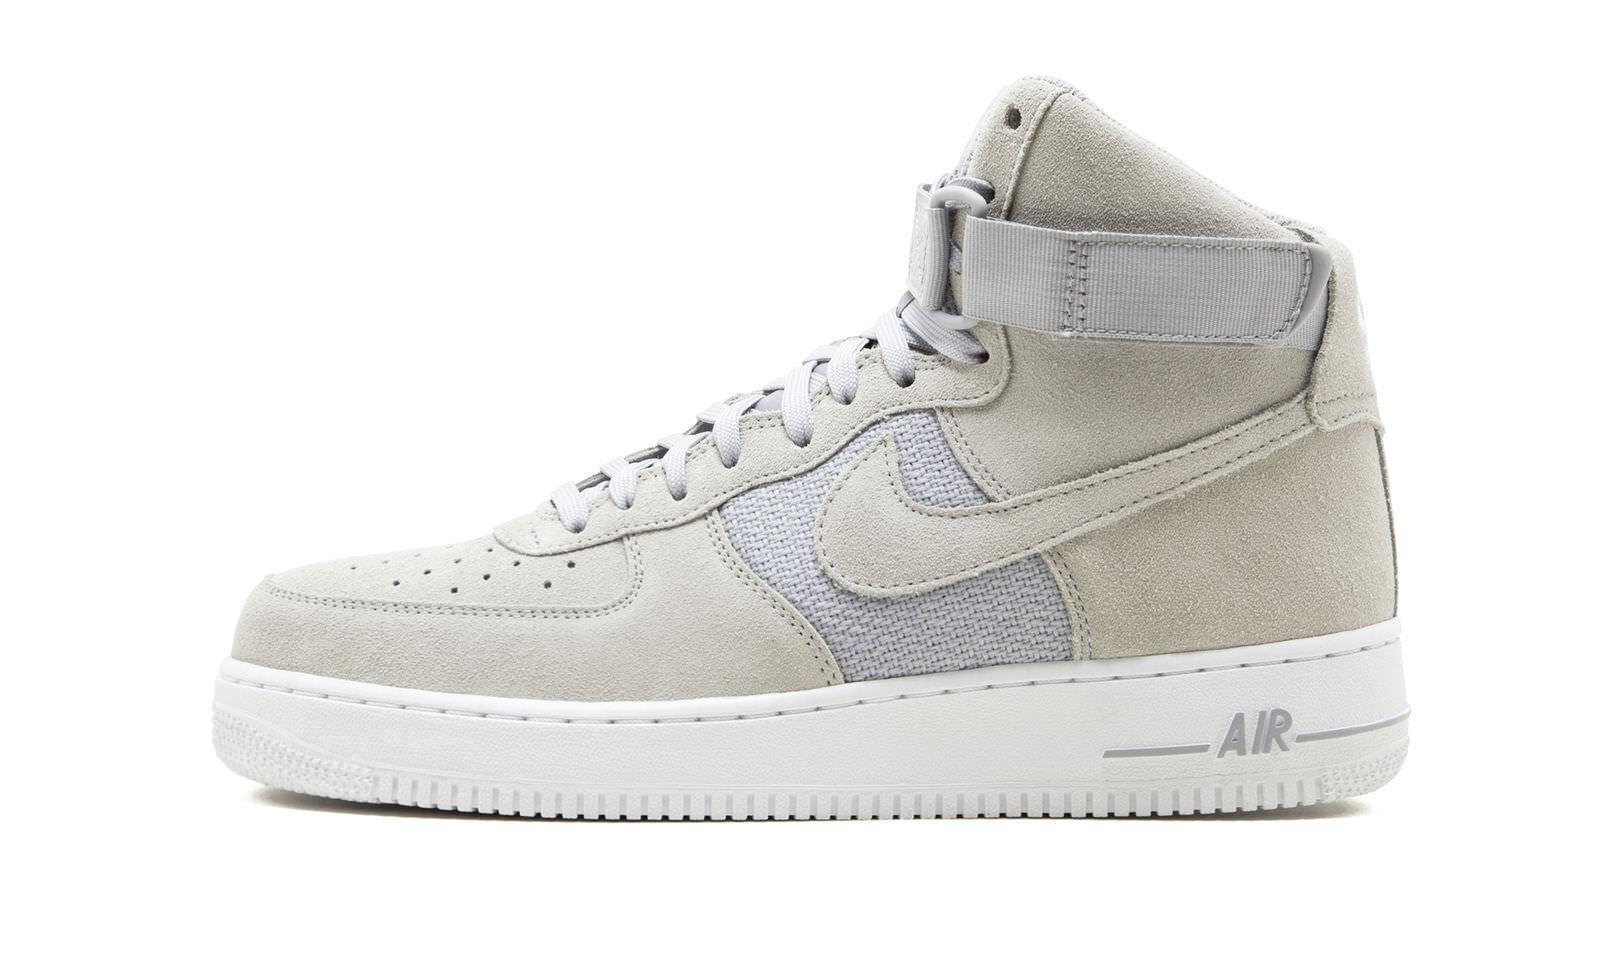 Gli uomini sono nike air force di alto 2007 scarpe taglia grigio bianco platino 315121 041